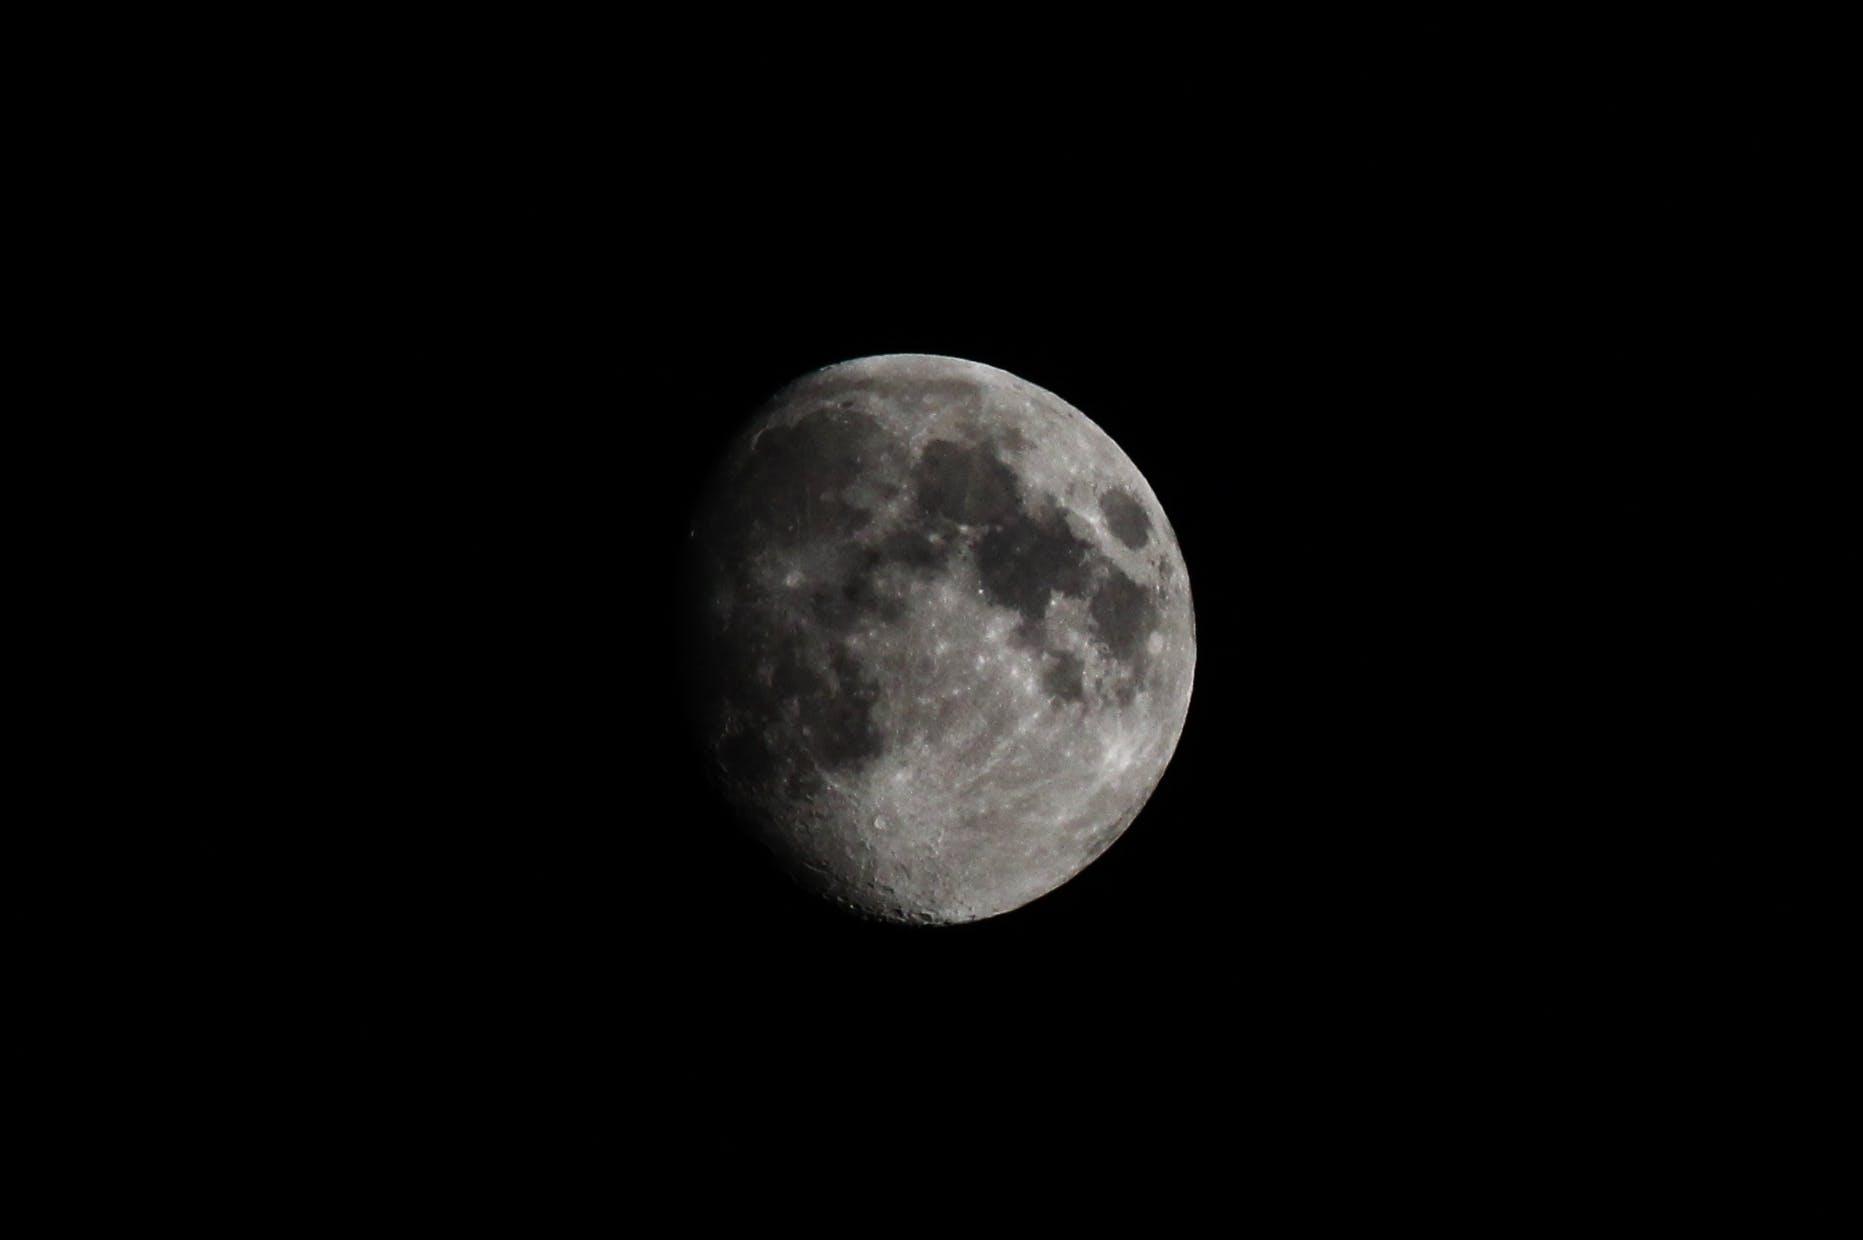 Kostenloses Stock Foto zu nacht, dunkel, grau, schwarz